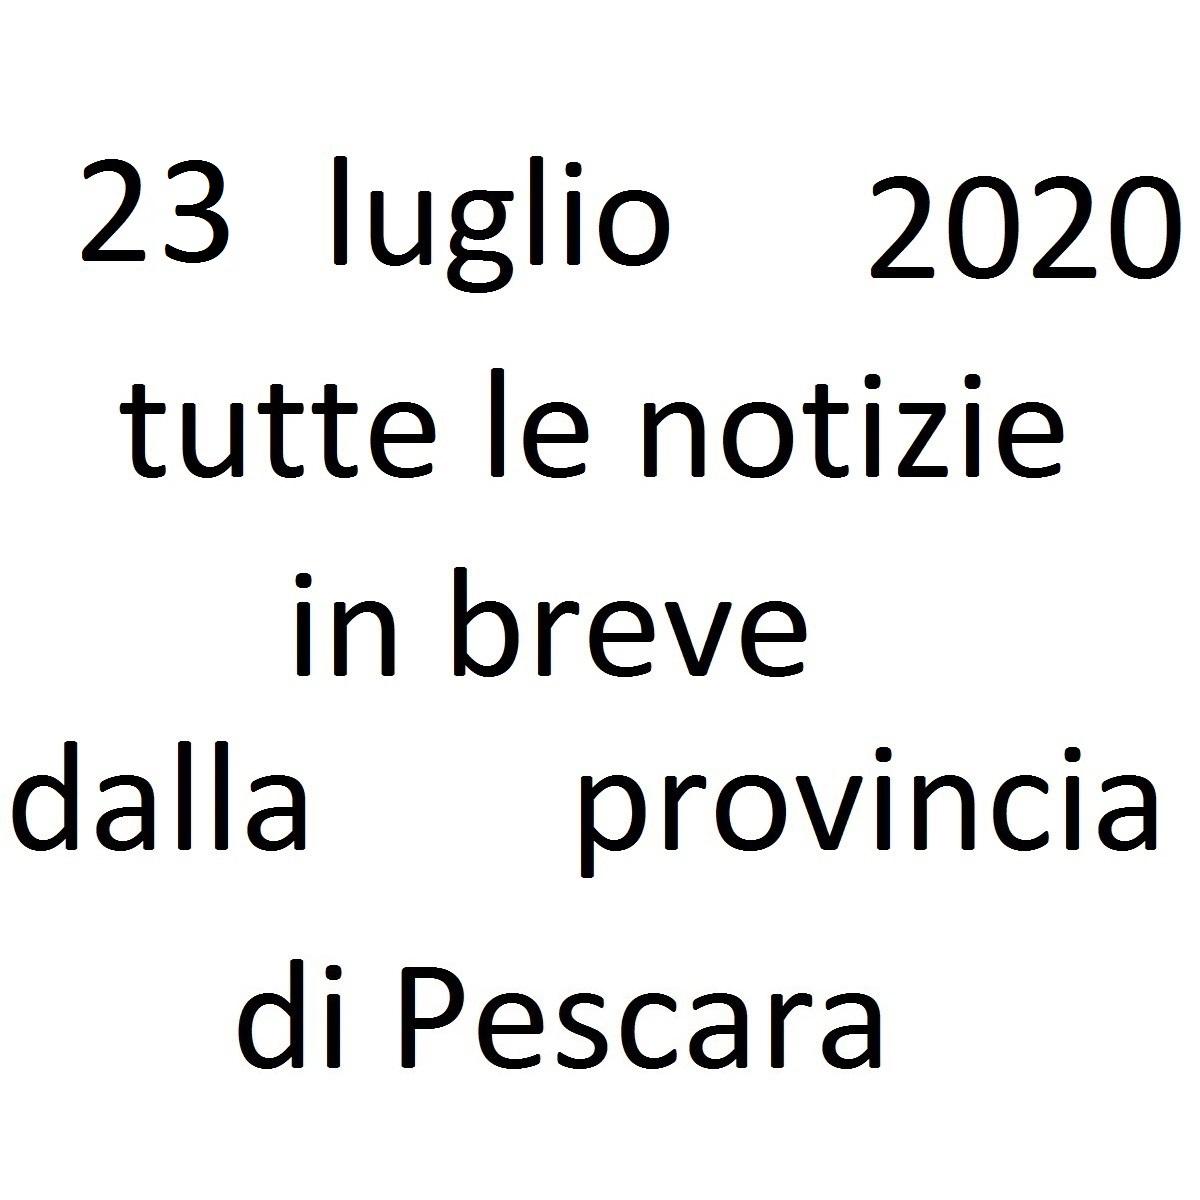 23 luglio 2020 notizie in breve dalla Provincia di Pescara foto